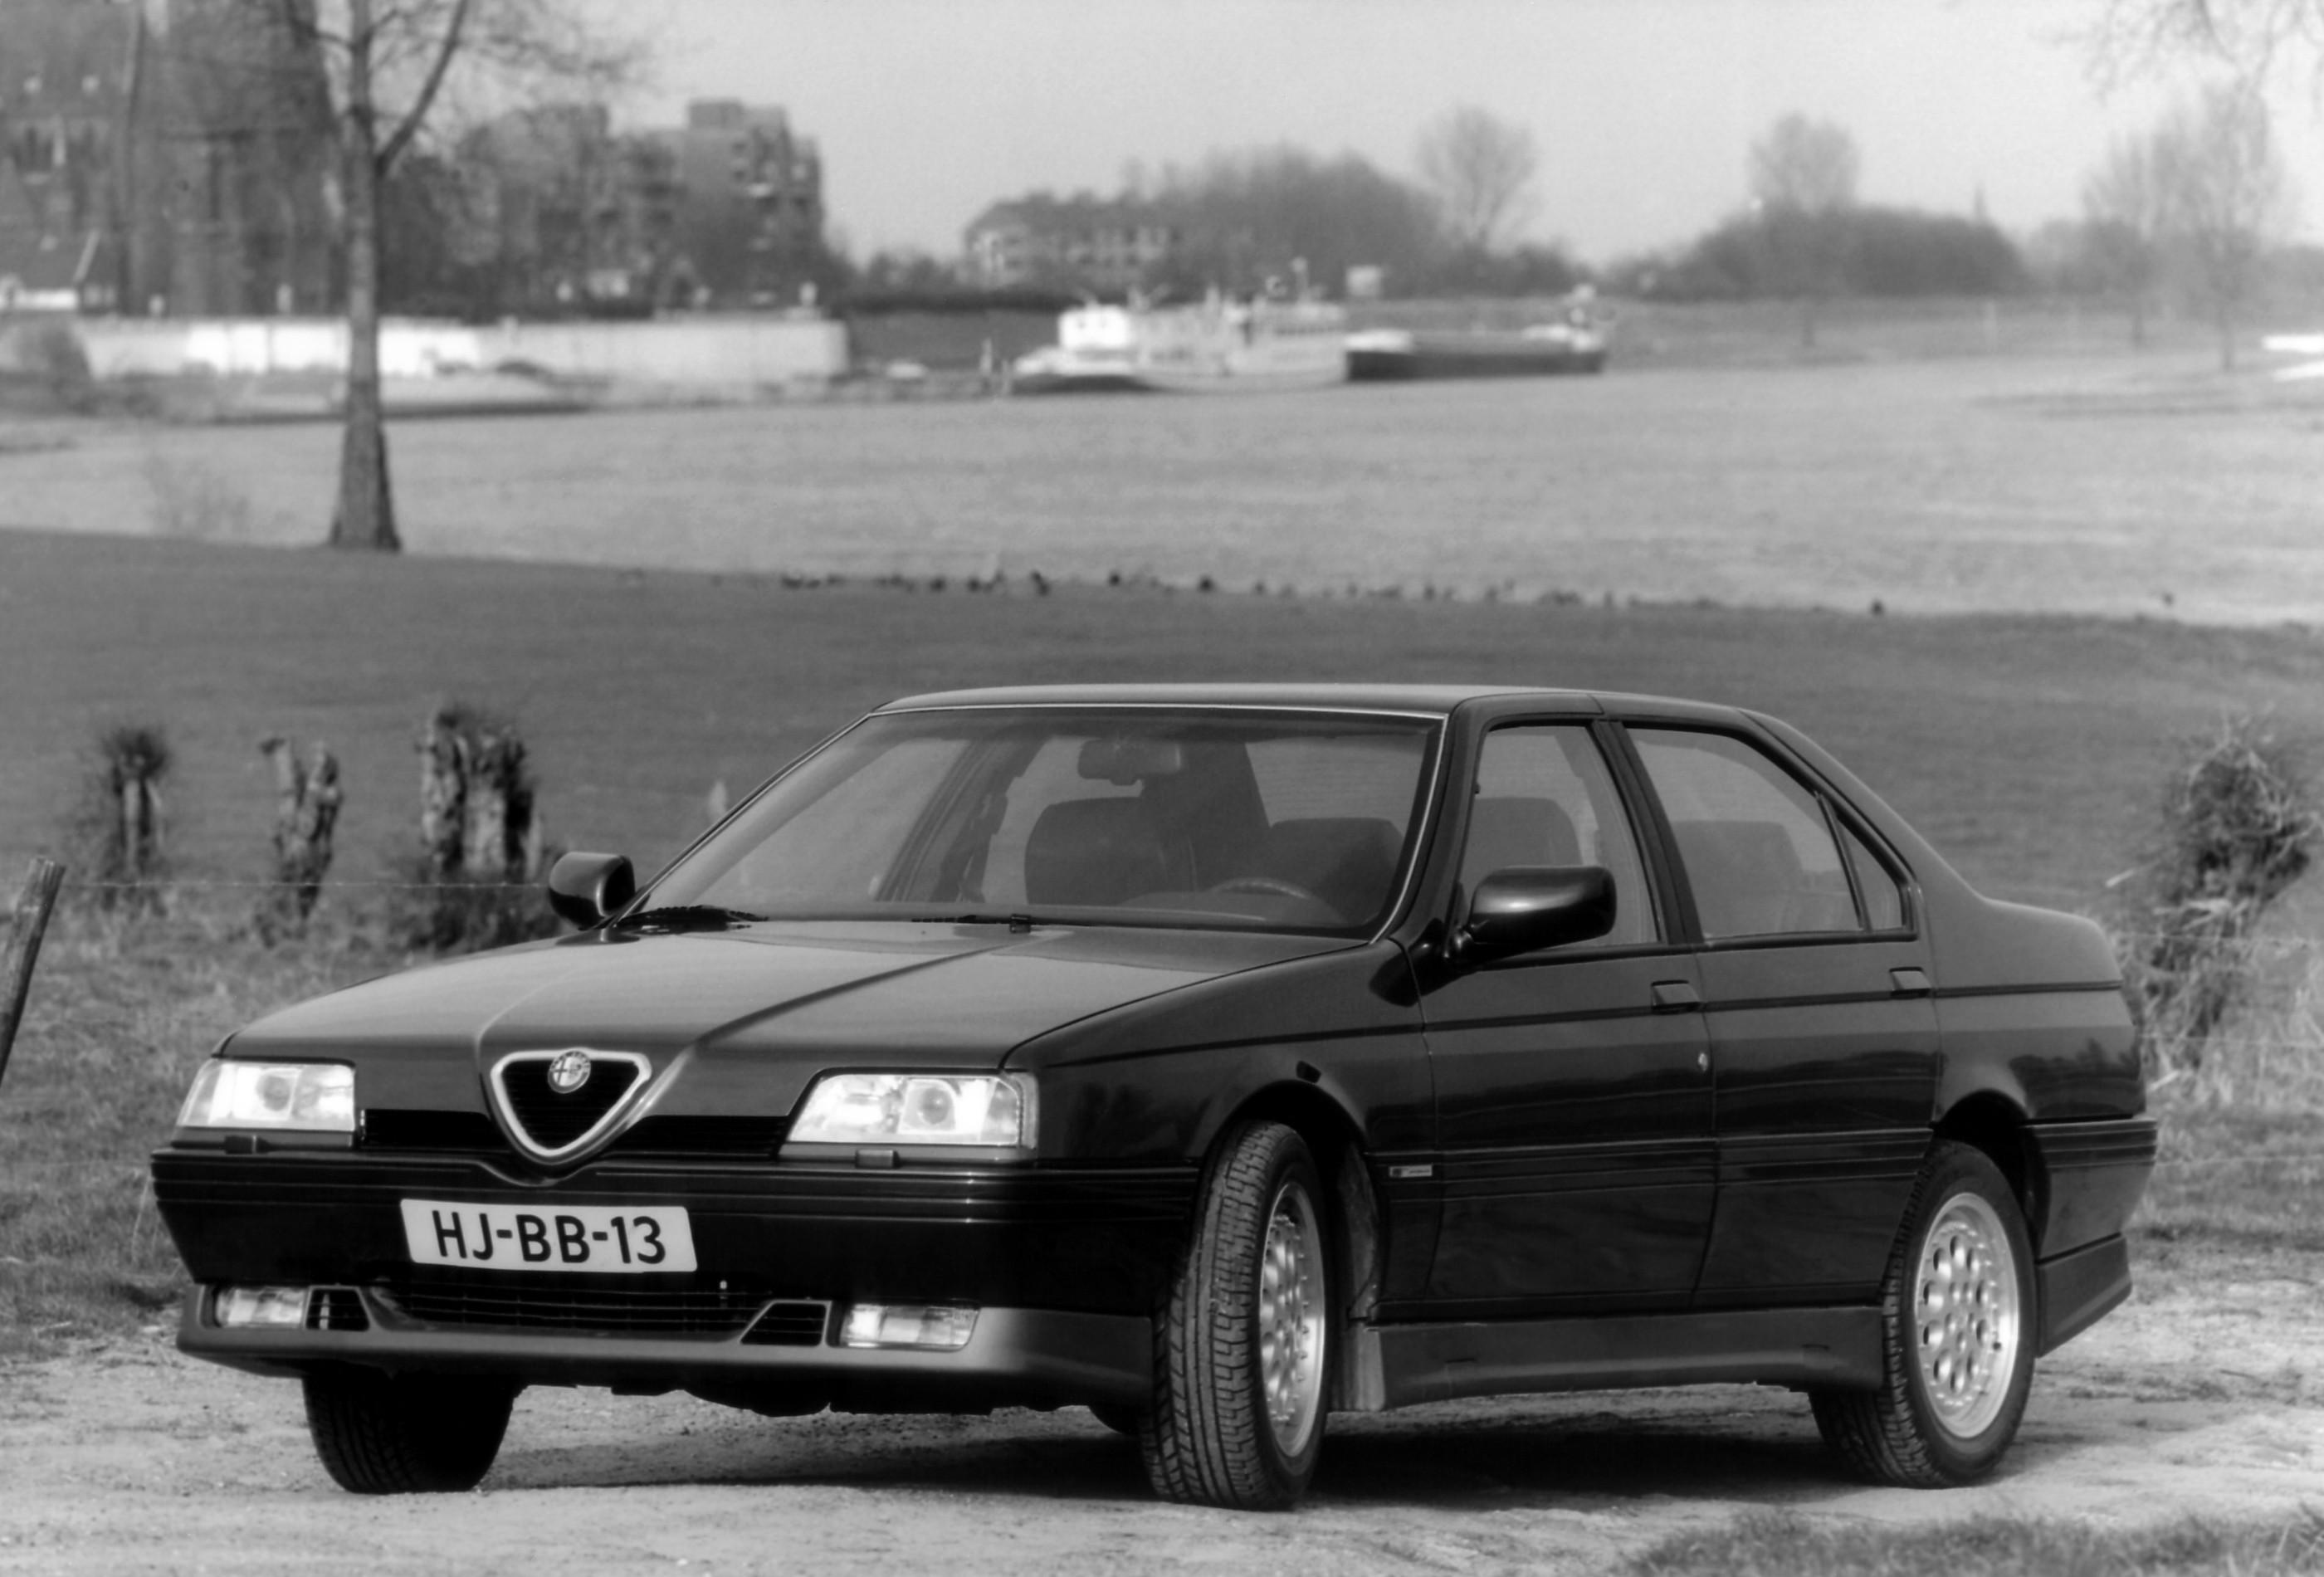 alfa romeo 164 specs - 1988, 1989, 1990, 1991, 1992, 1993, 1994